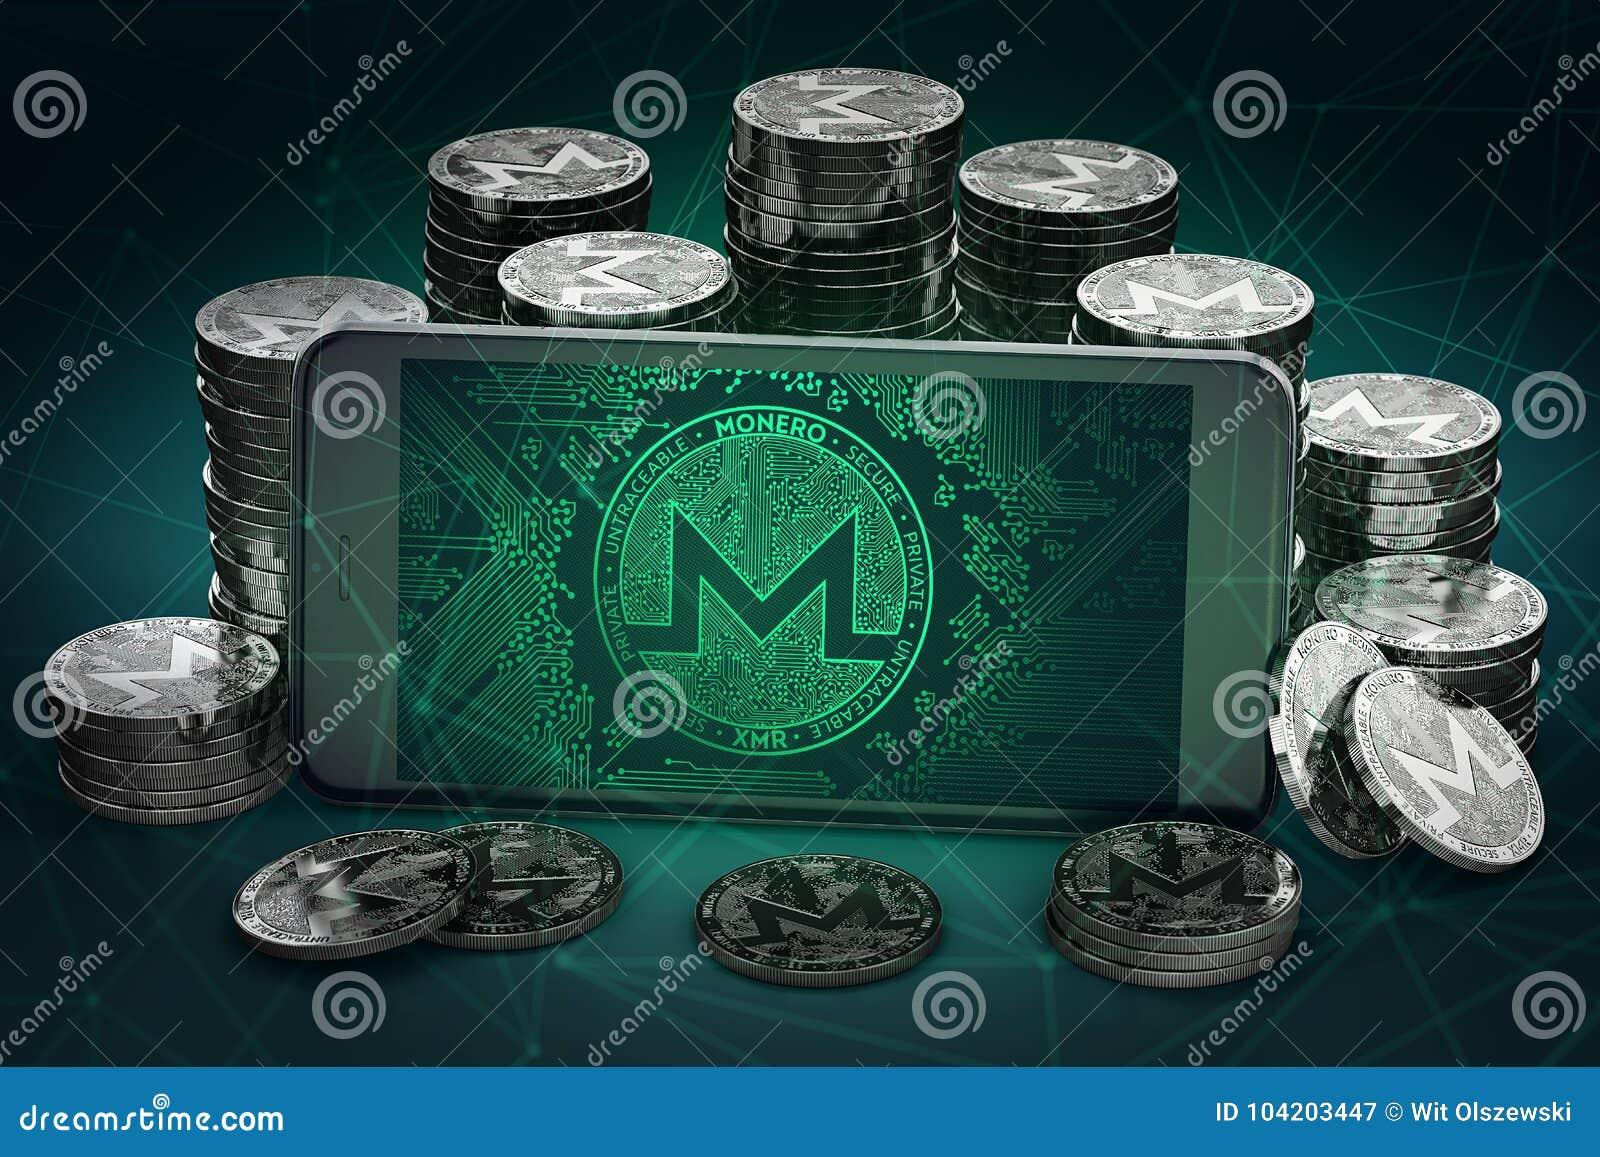 Monero-Symbol, das unter Stapel von Monero Bildschirm ist, prägt